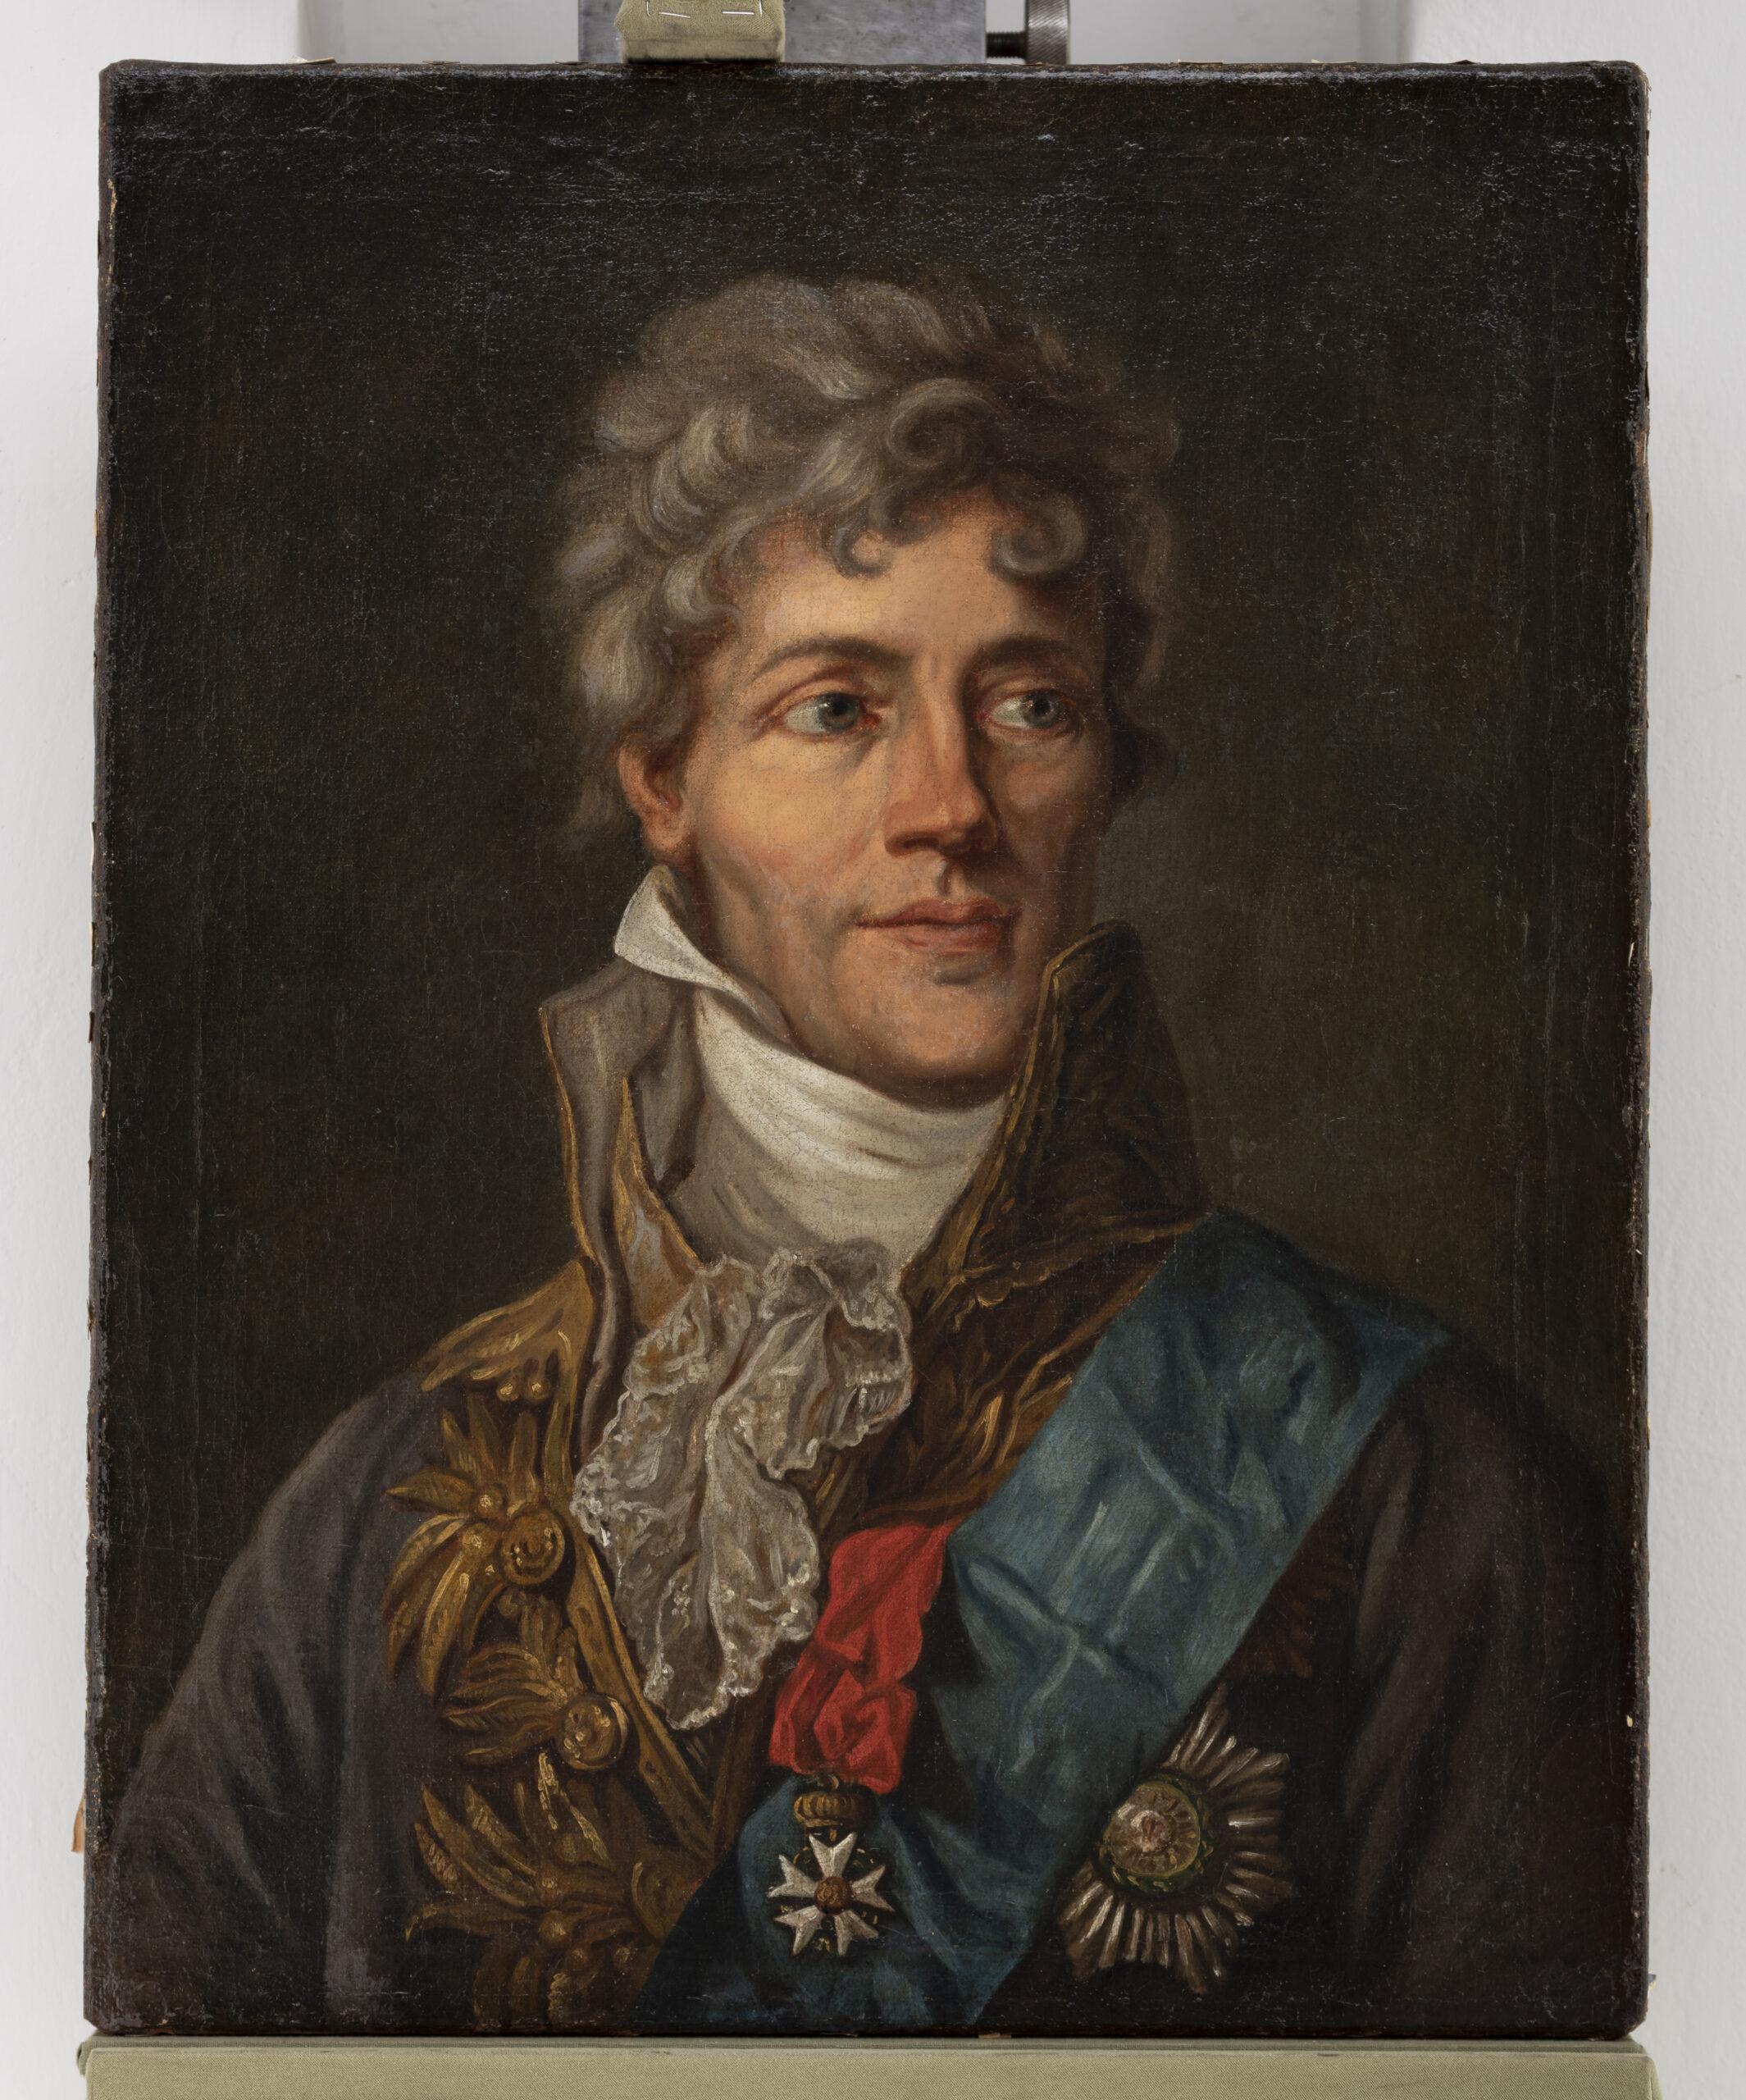 Portret Stanisława Kostki Potockiego